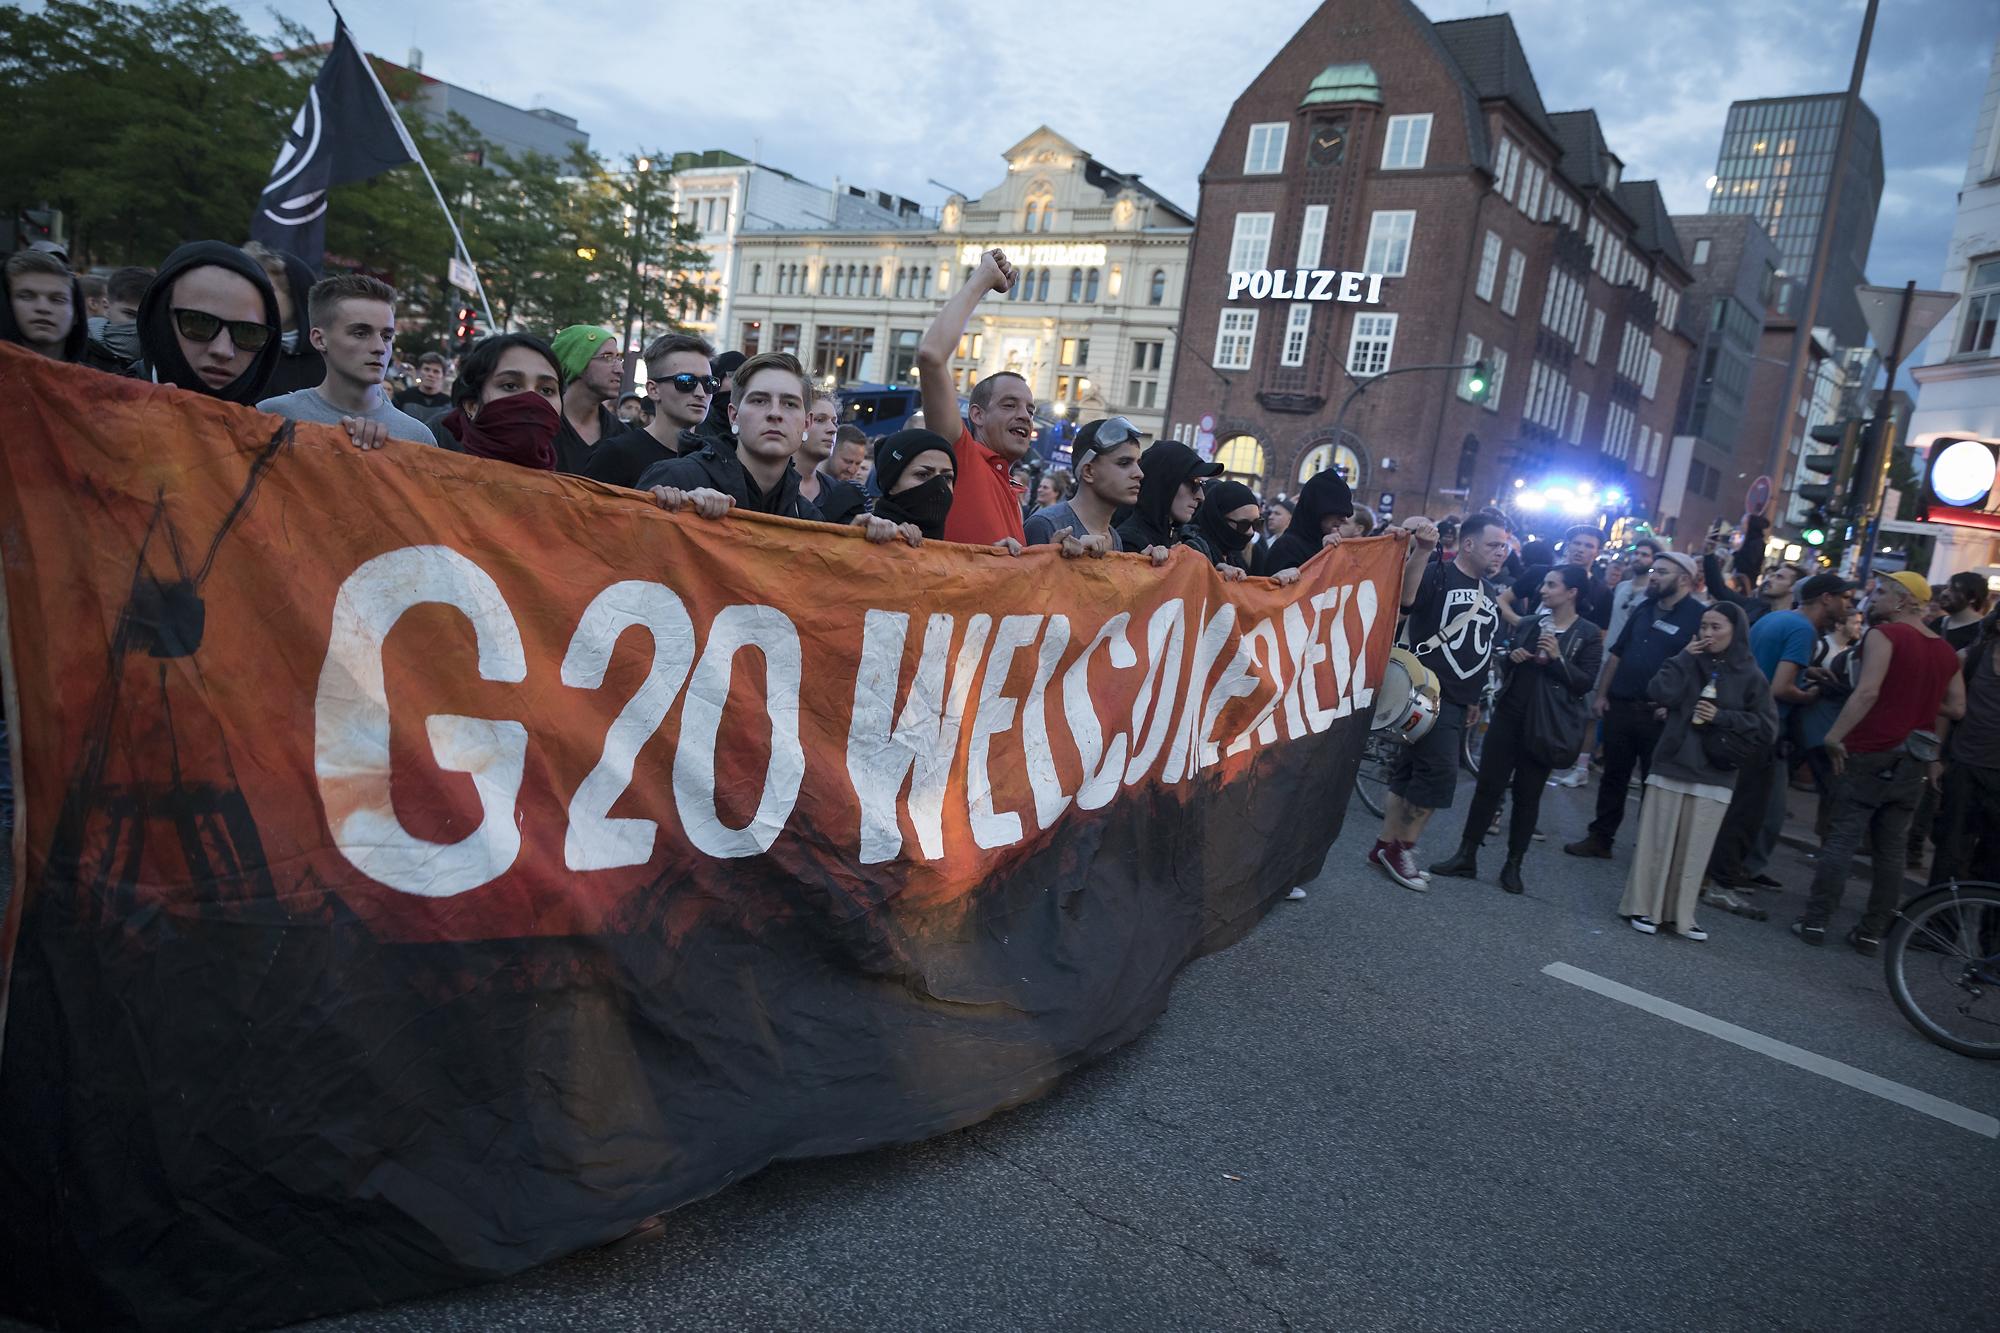 """Demonstranten ziehen am 06/07/2017 am Fischmarkt in Hamburg mit einem zweiten Versuch einer Demonstration unter dem Titel """"Welcome to Hell"""" über die Reeperbahn, während im Hintergrund die Davidwache zu sehen ist. Foto Florian Schuh"""